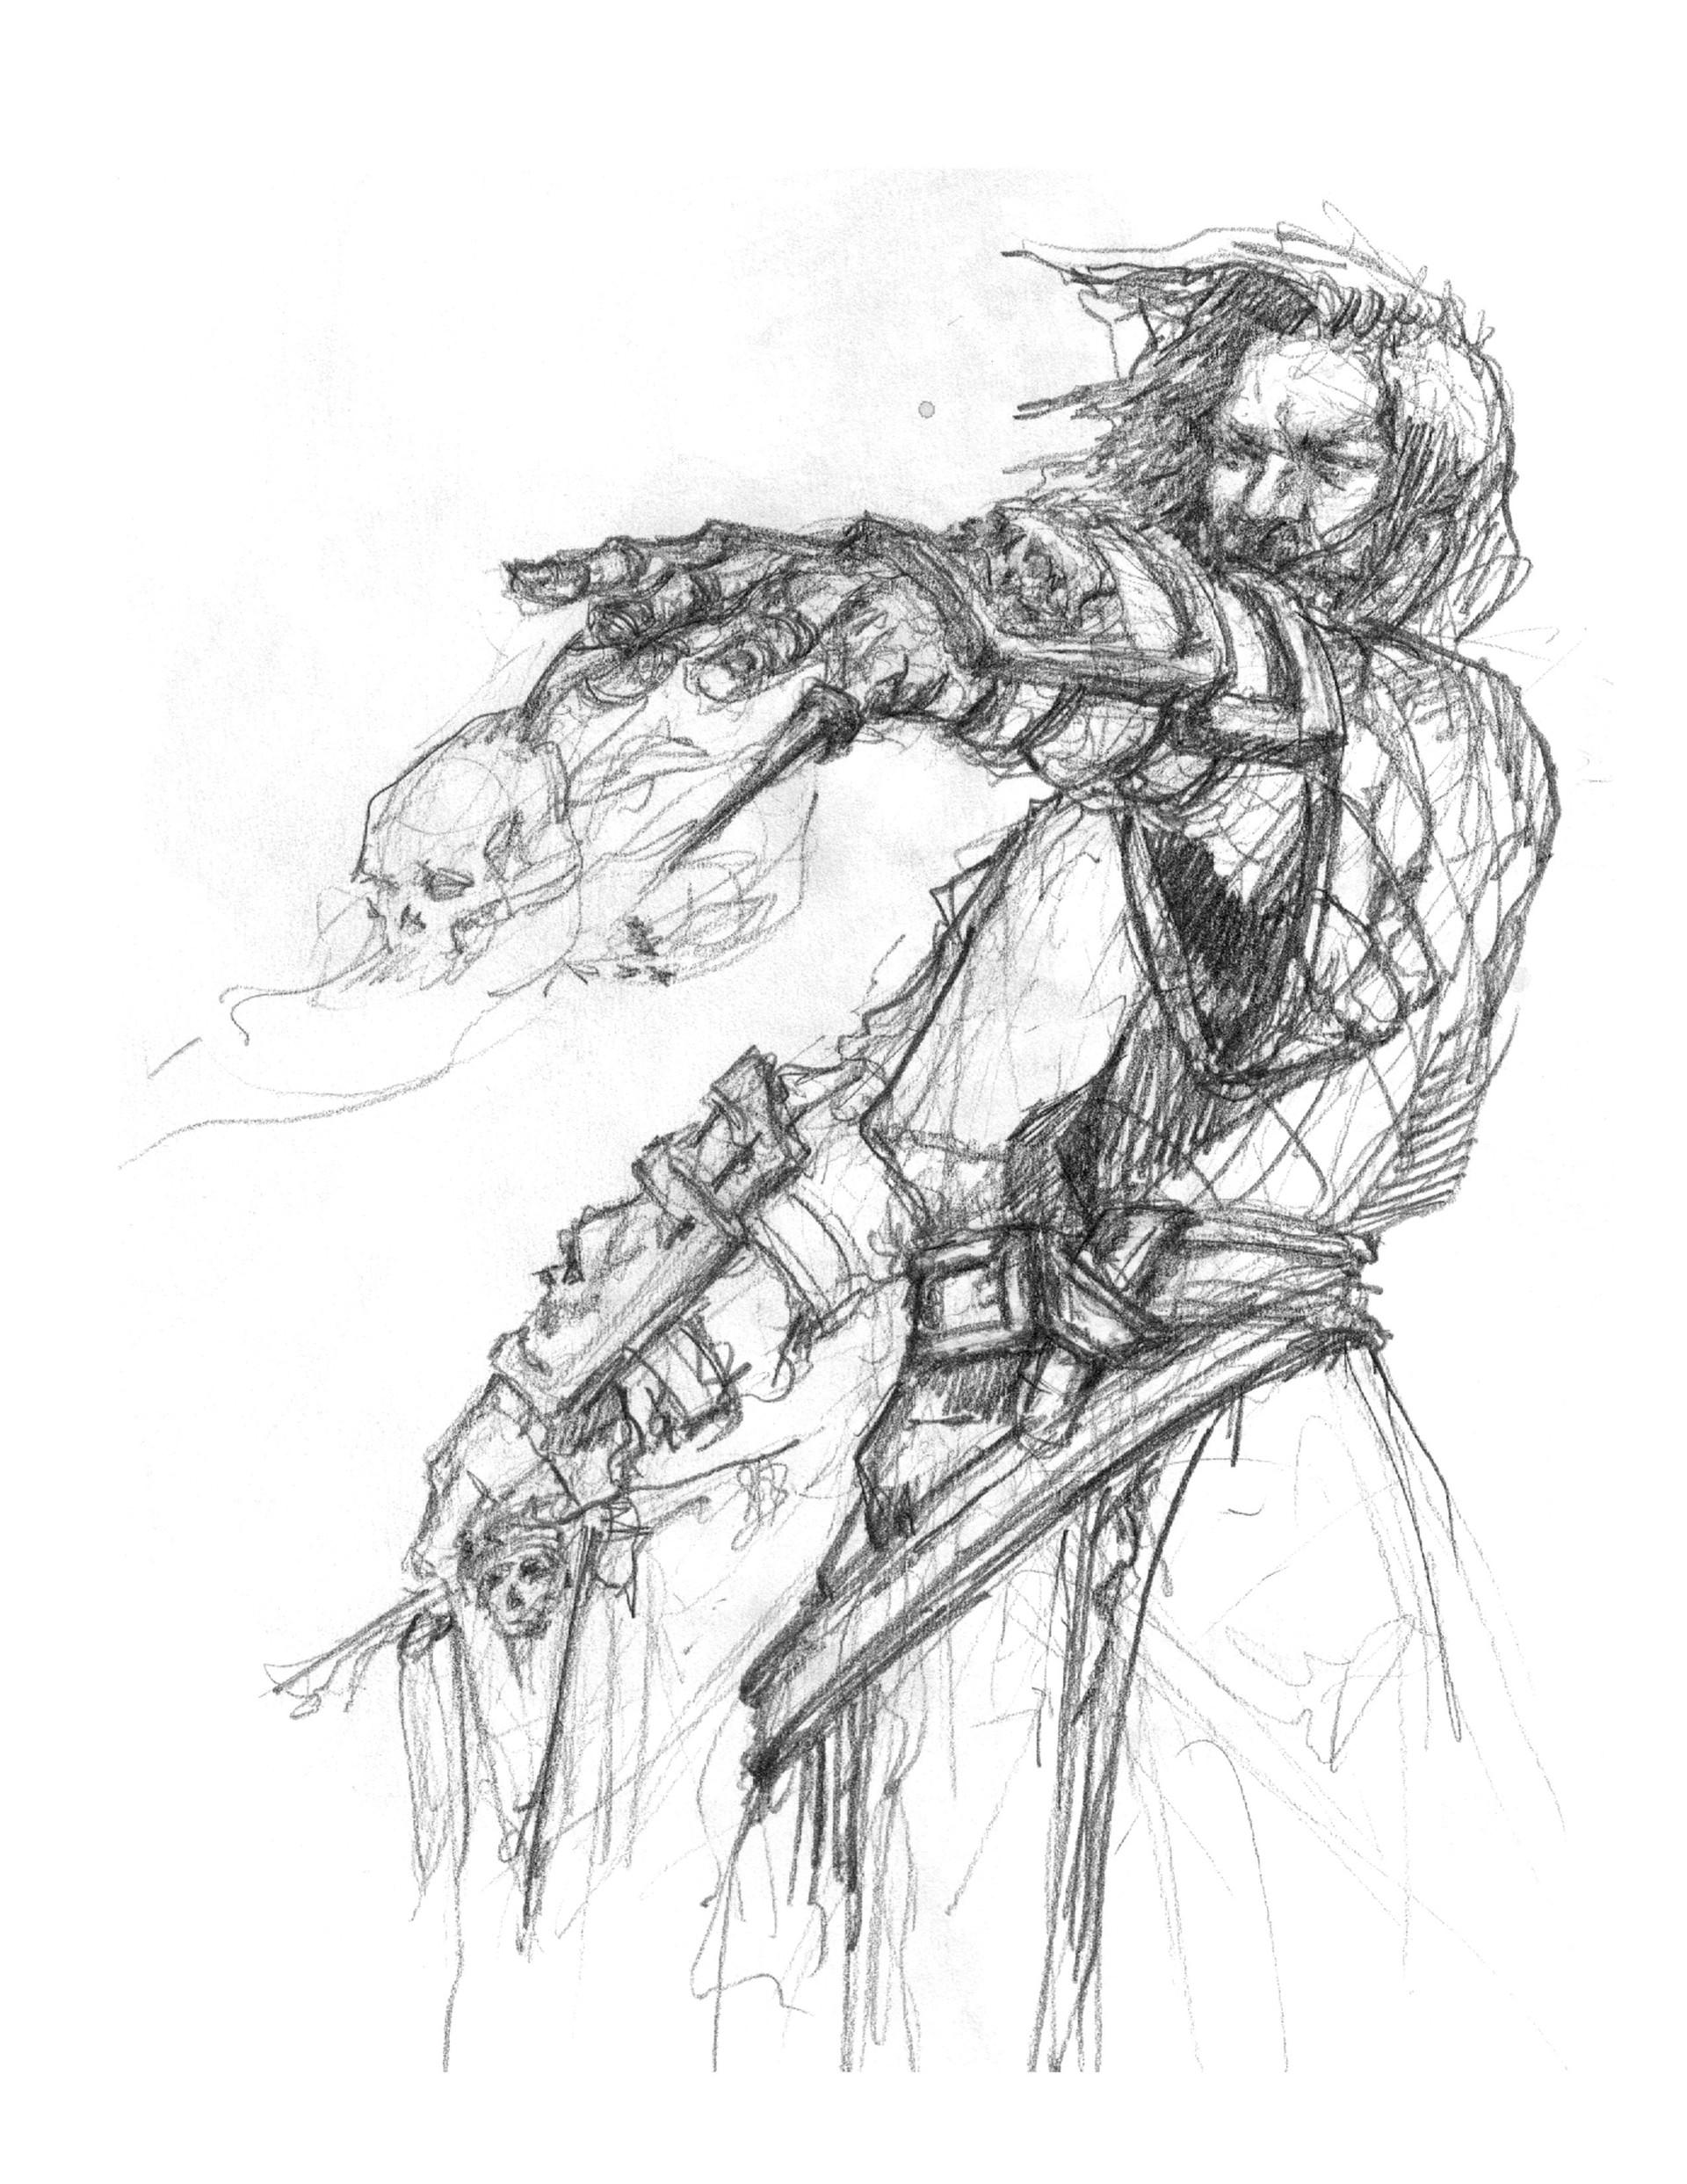 Brent poliquin 3 sketchbookpg2